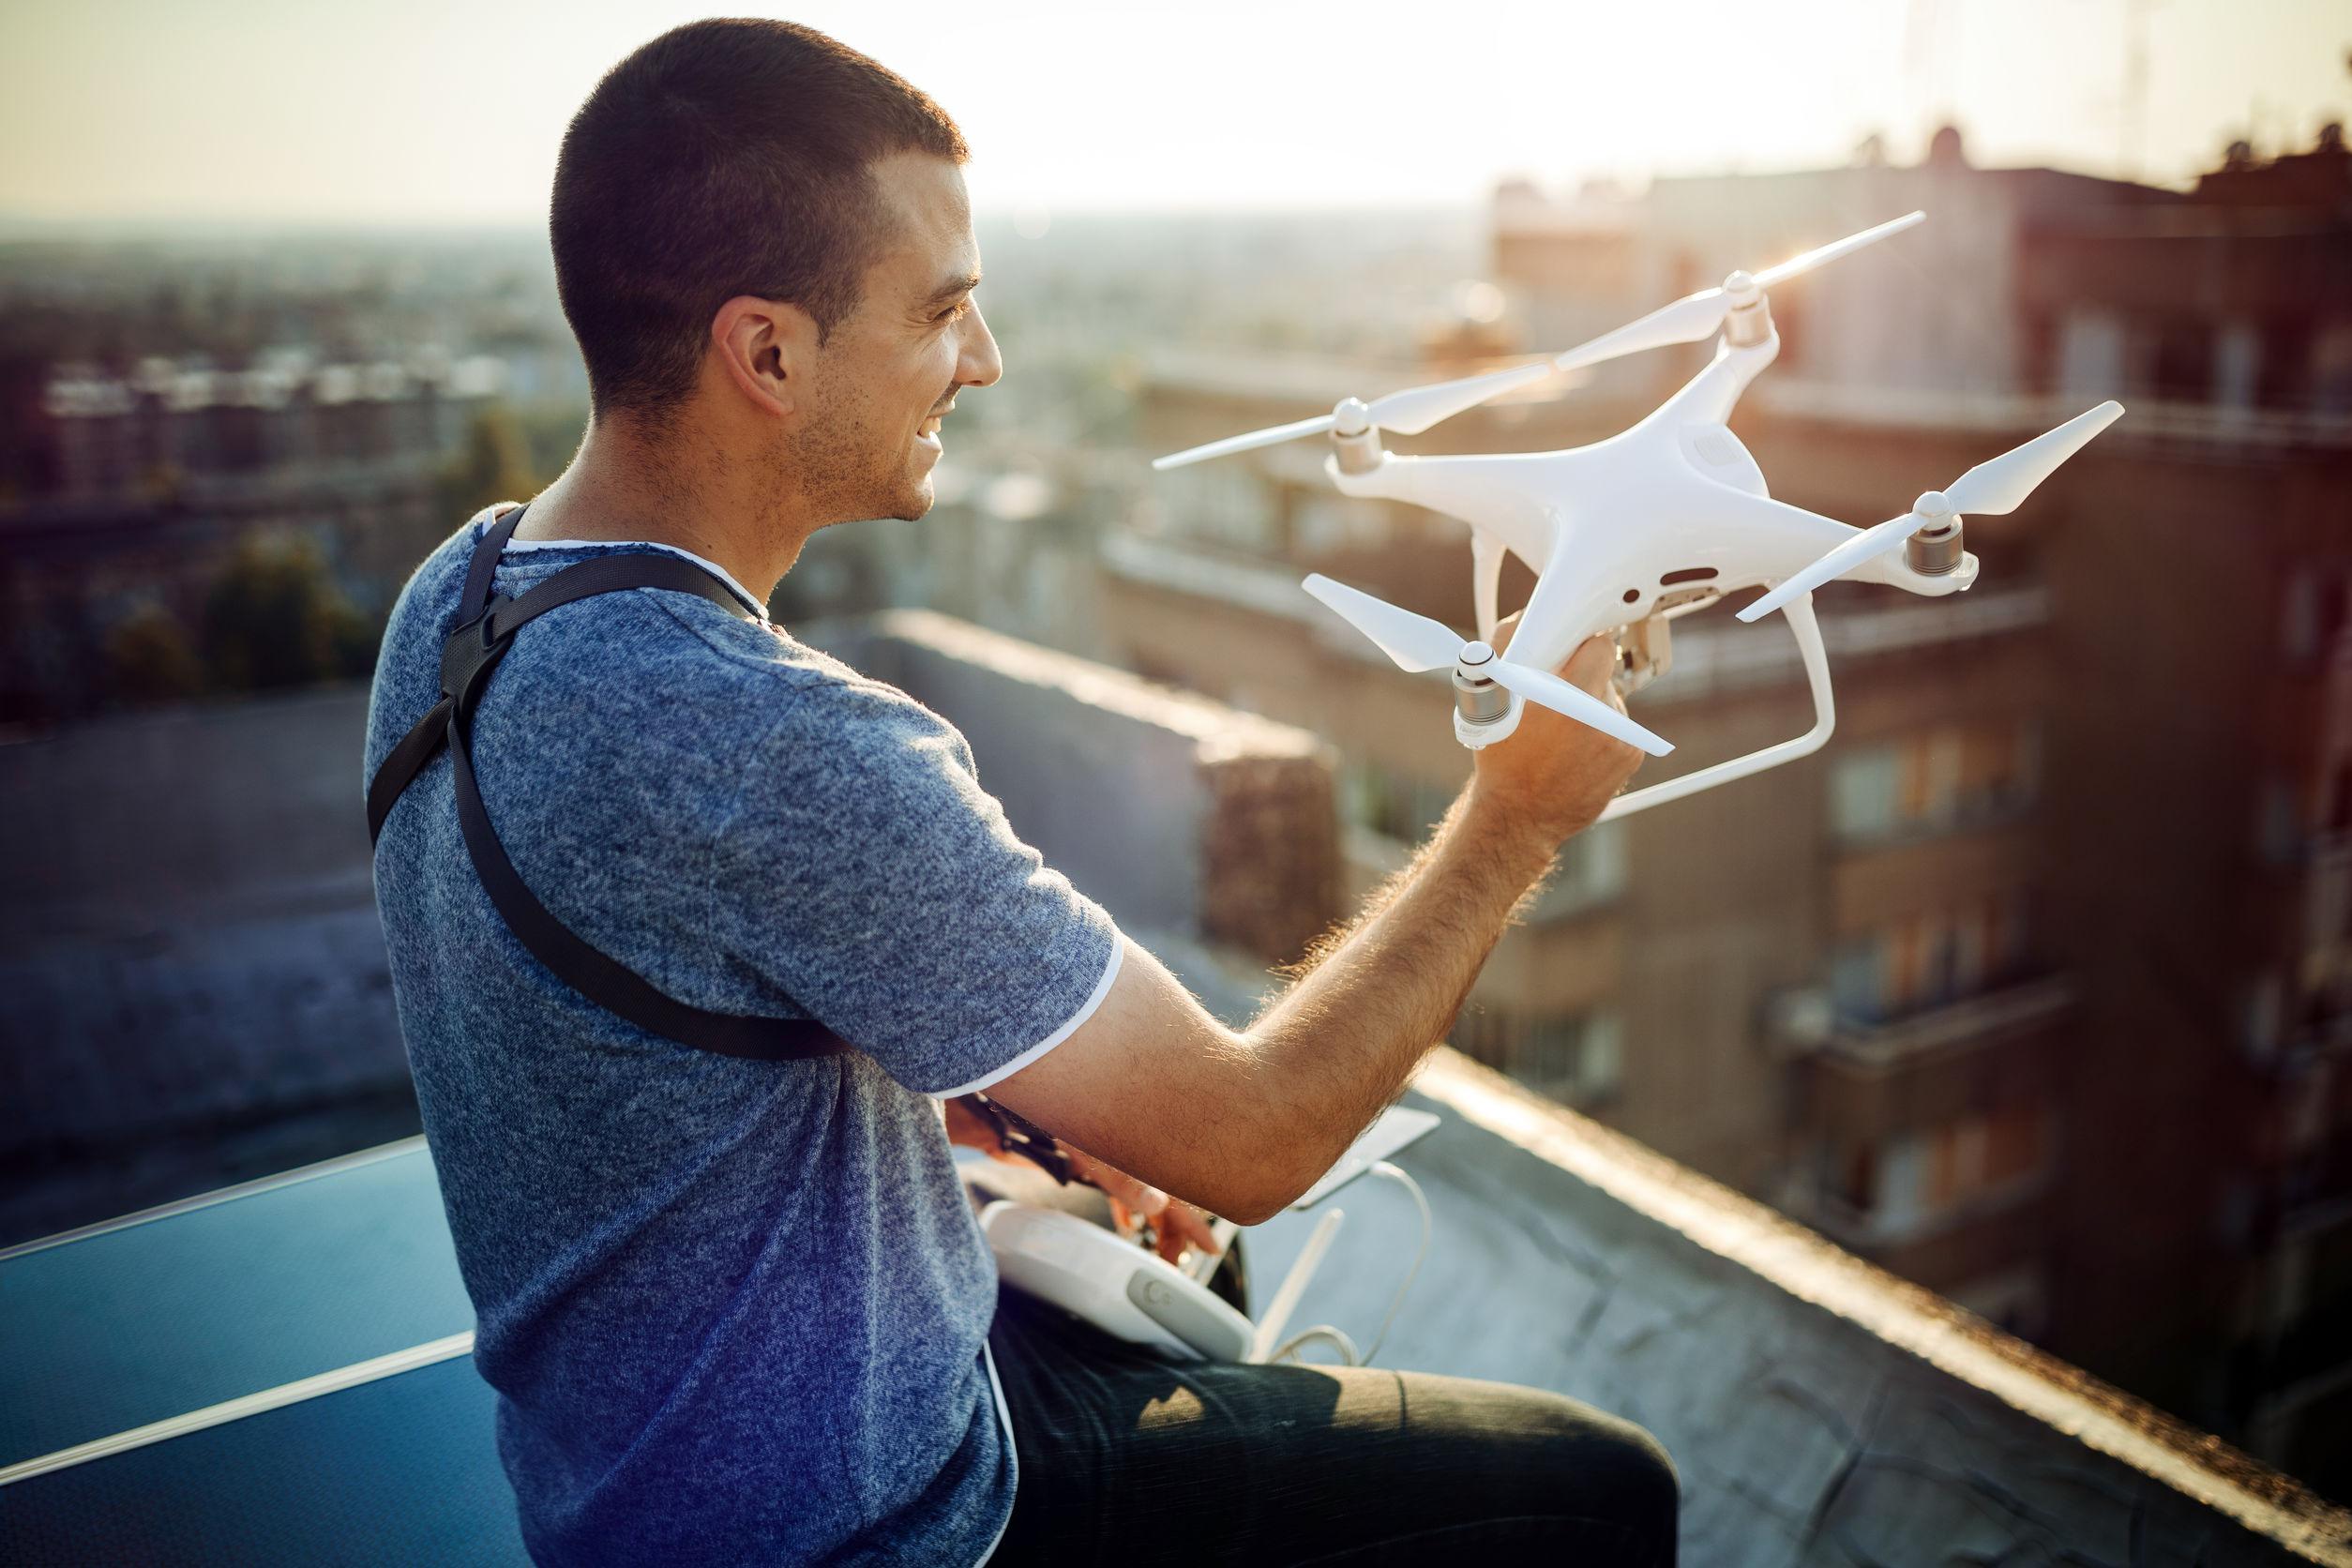 Hombre con drone en mano preparándose para ponerlo al vuelo